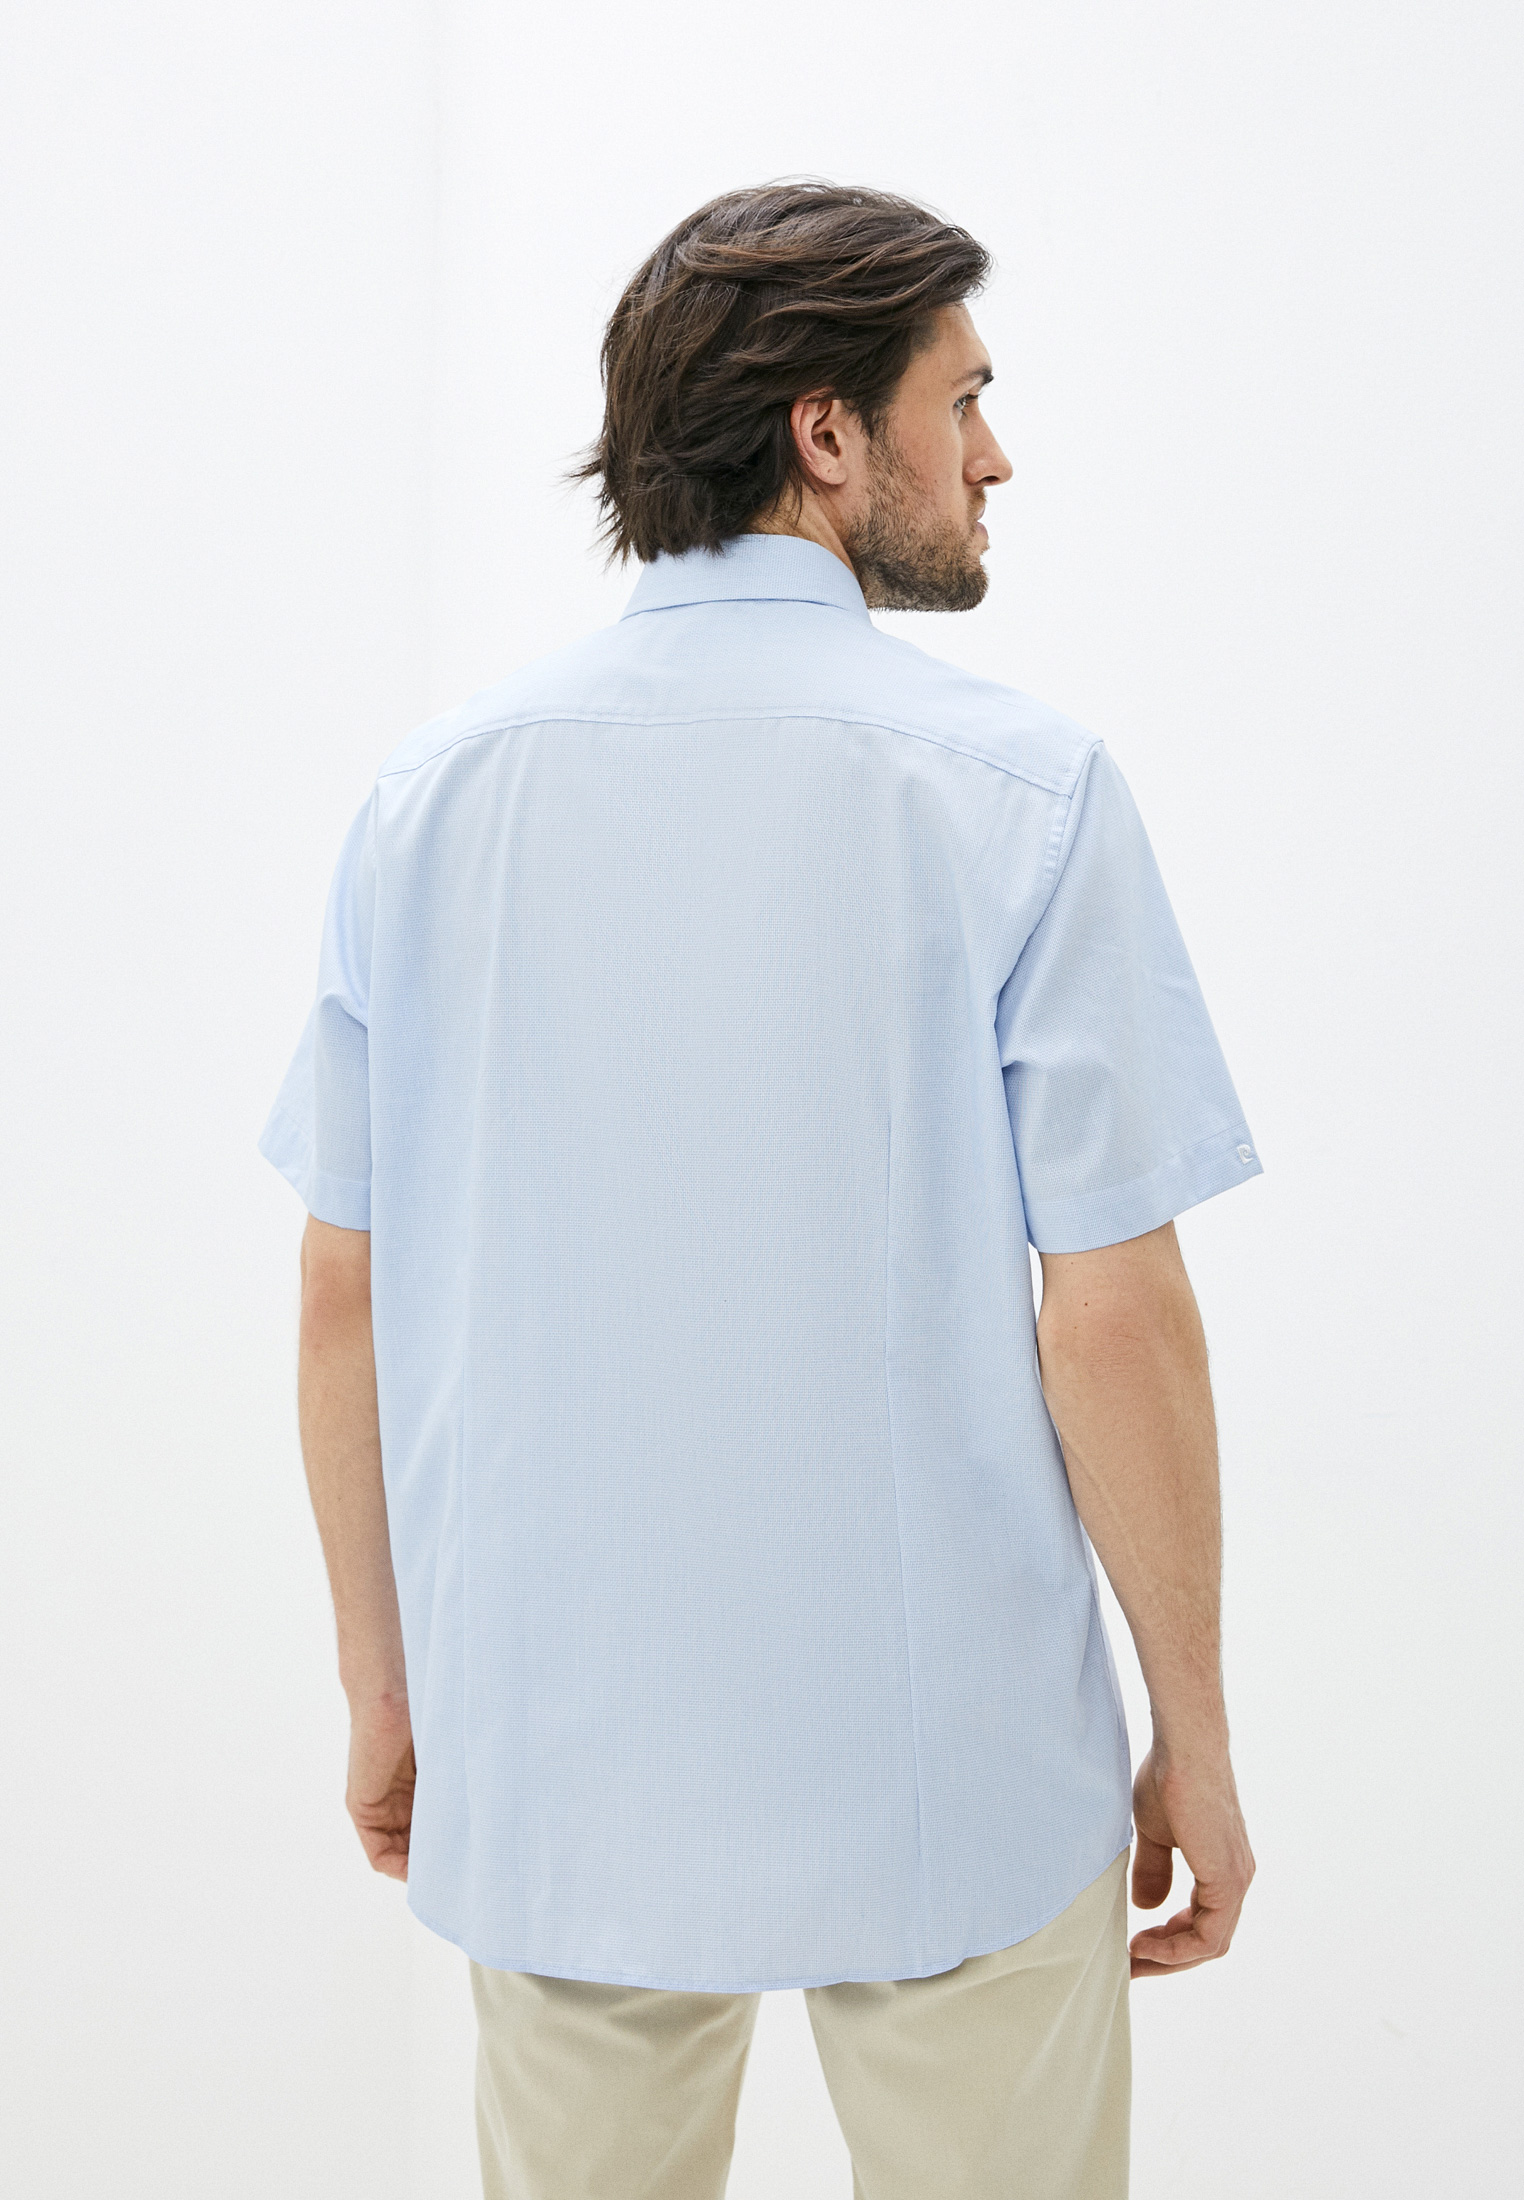 Рубашка с длинным рукавом Pierre Cardin (Пьер Кардин) 05200/000/27403/9001: изображение 3